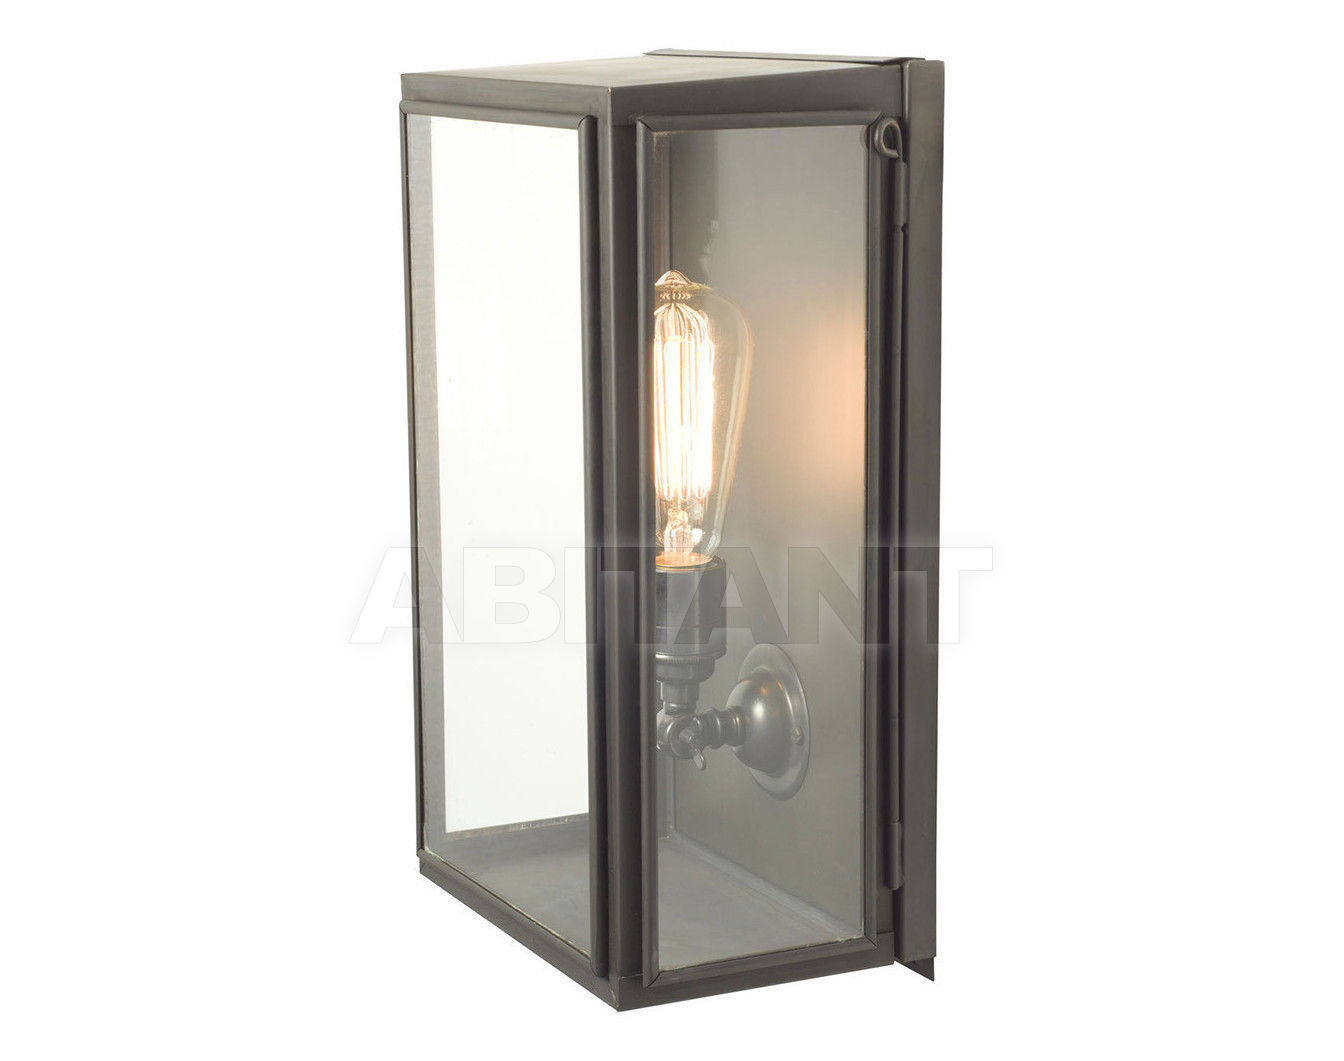 Купить Светильник Davey Lighting Wall Mounted Lights 7642/BR/WE/CL